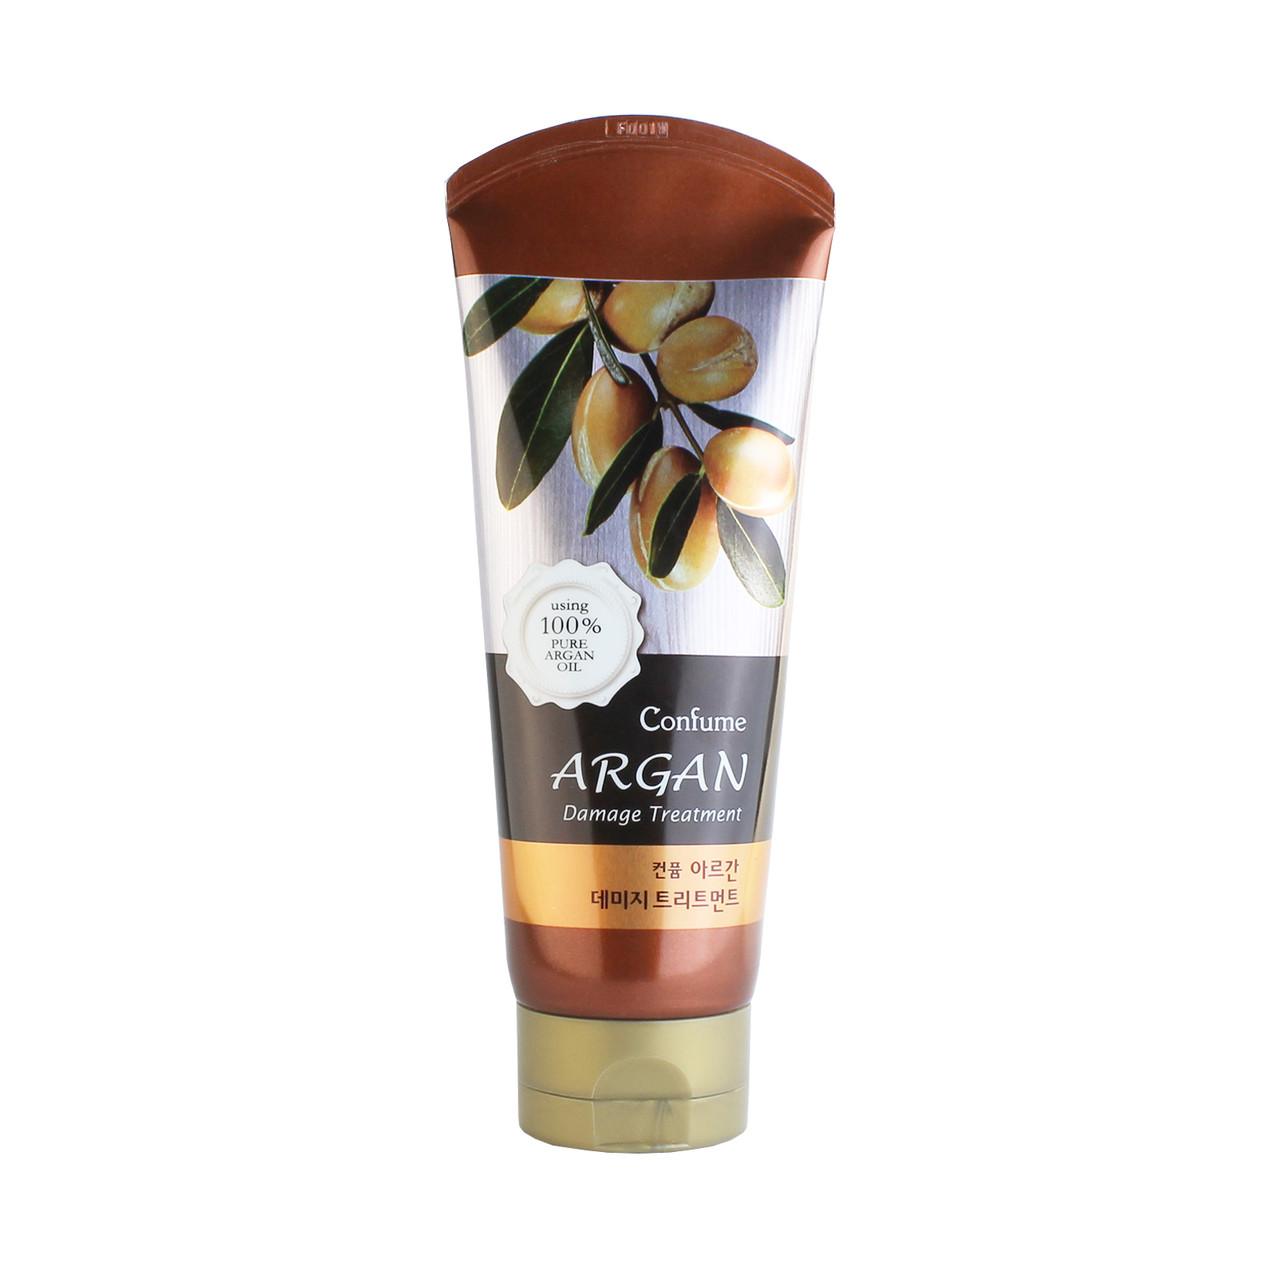 Welcos Confume Argan Damage Treatment Маска для поврежденных волос лечебная на основе арганового масла 200 мл